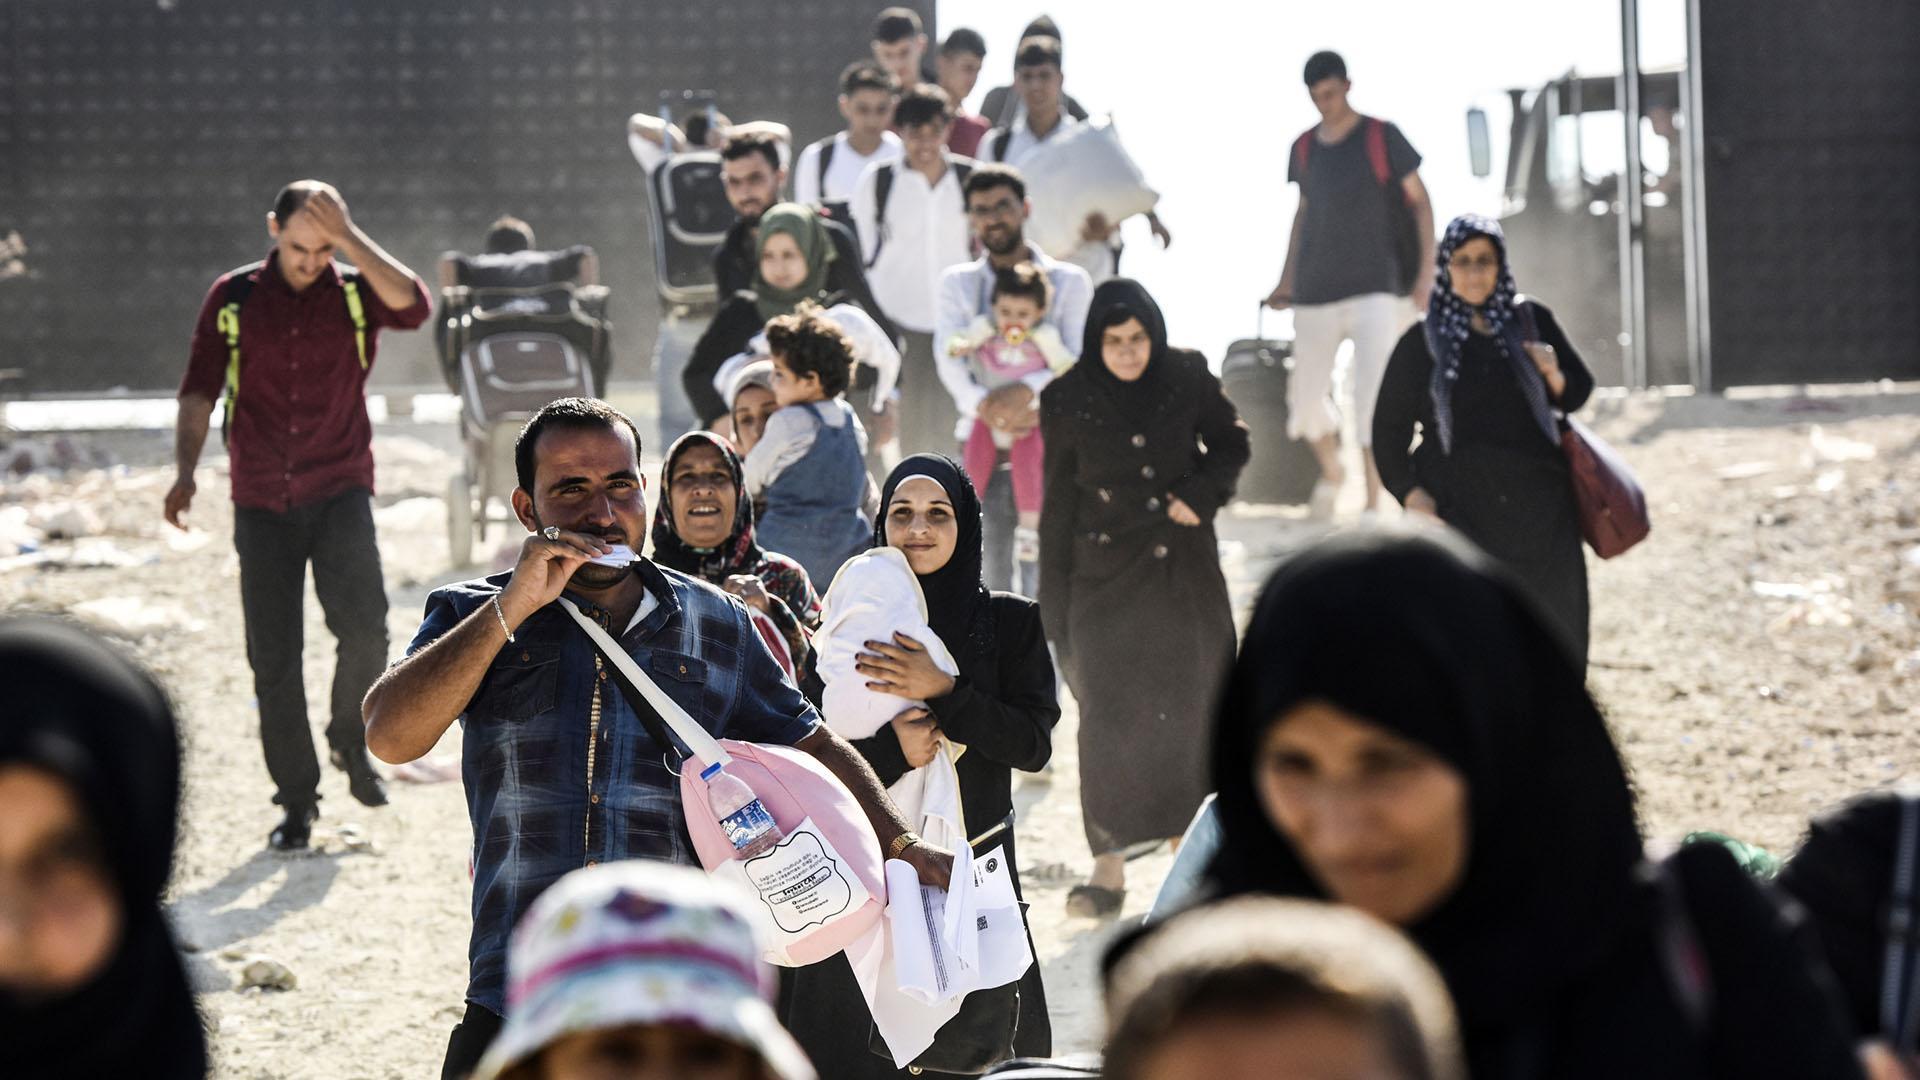 أوضاع-اللاجئين-السوريين-في-تركيا